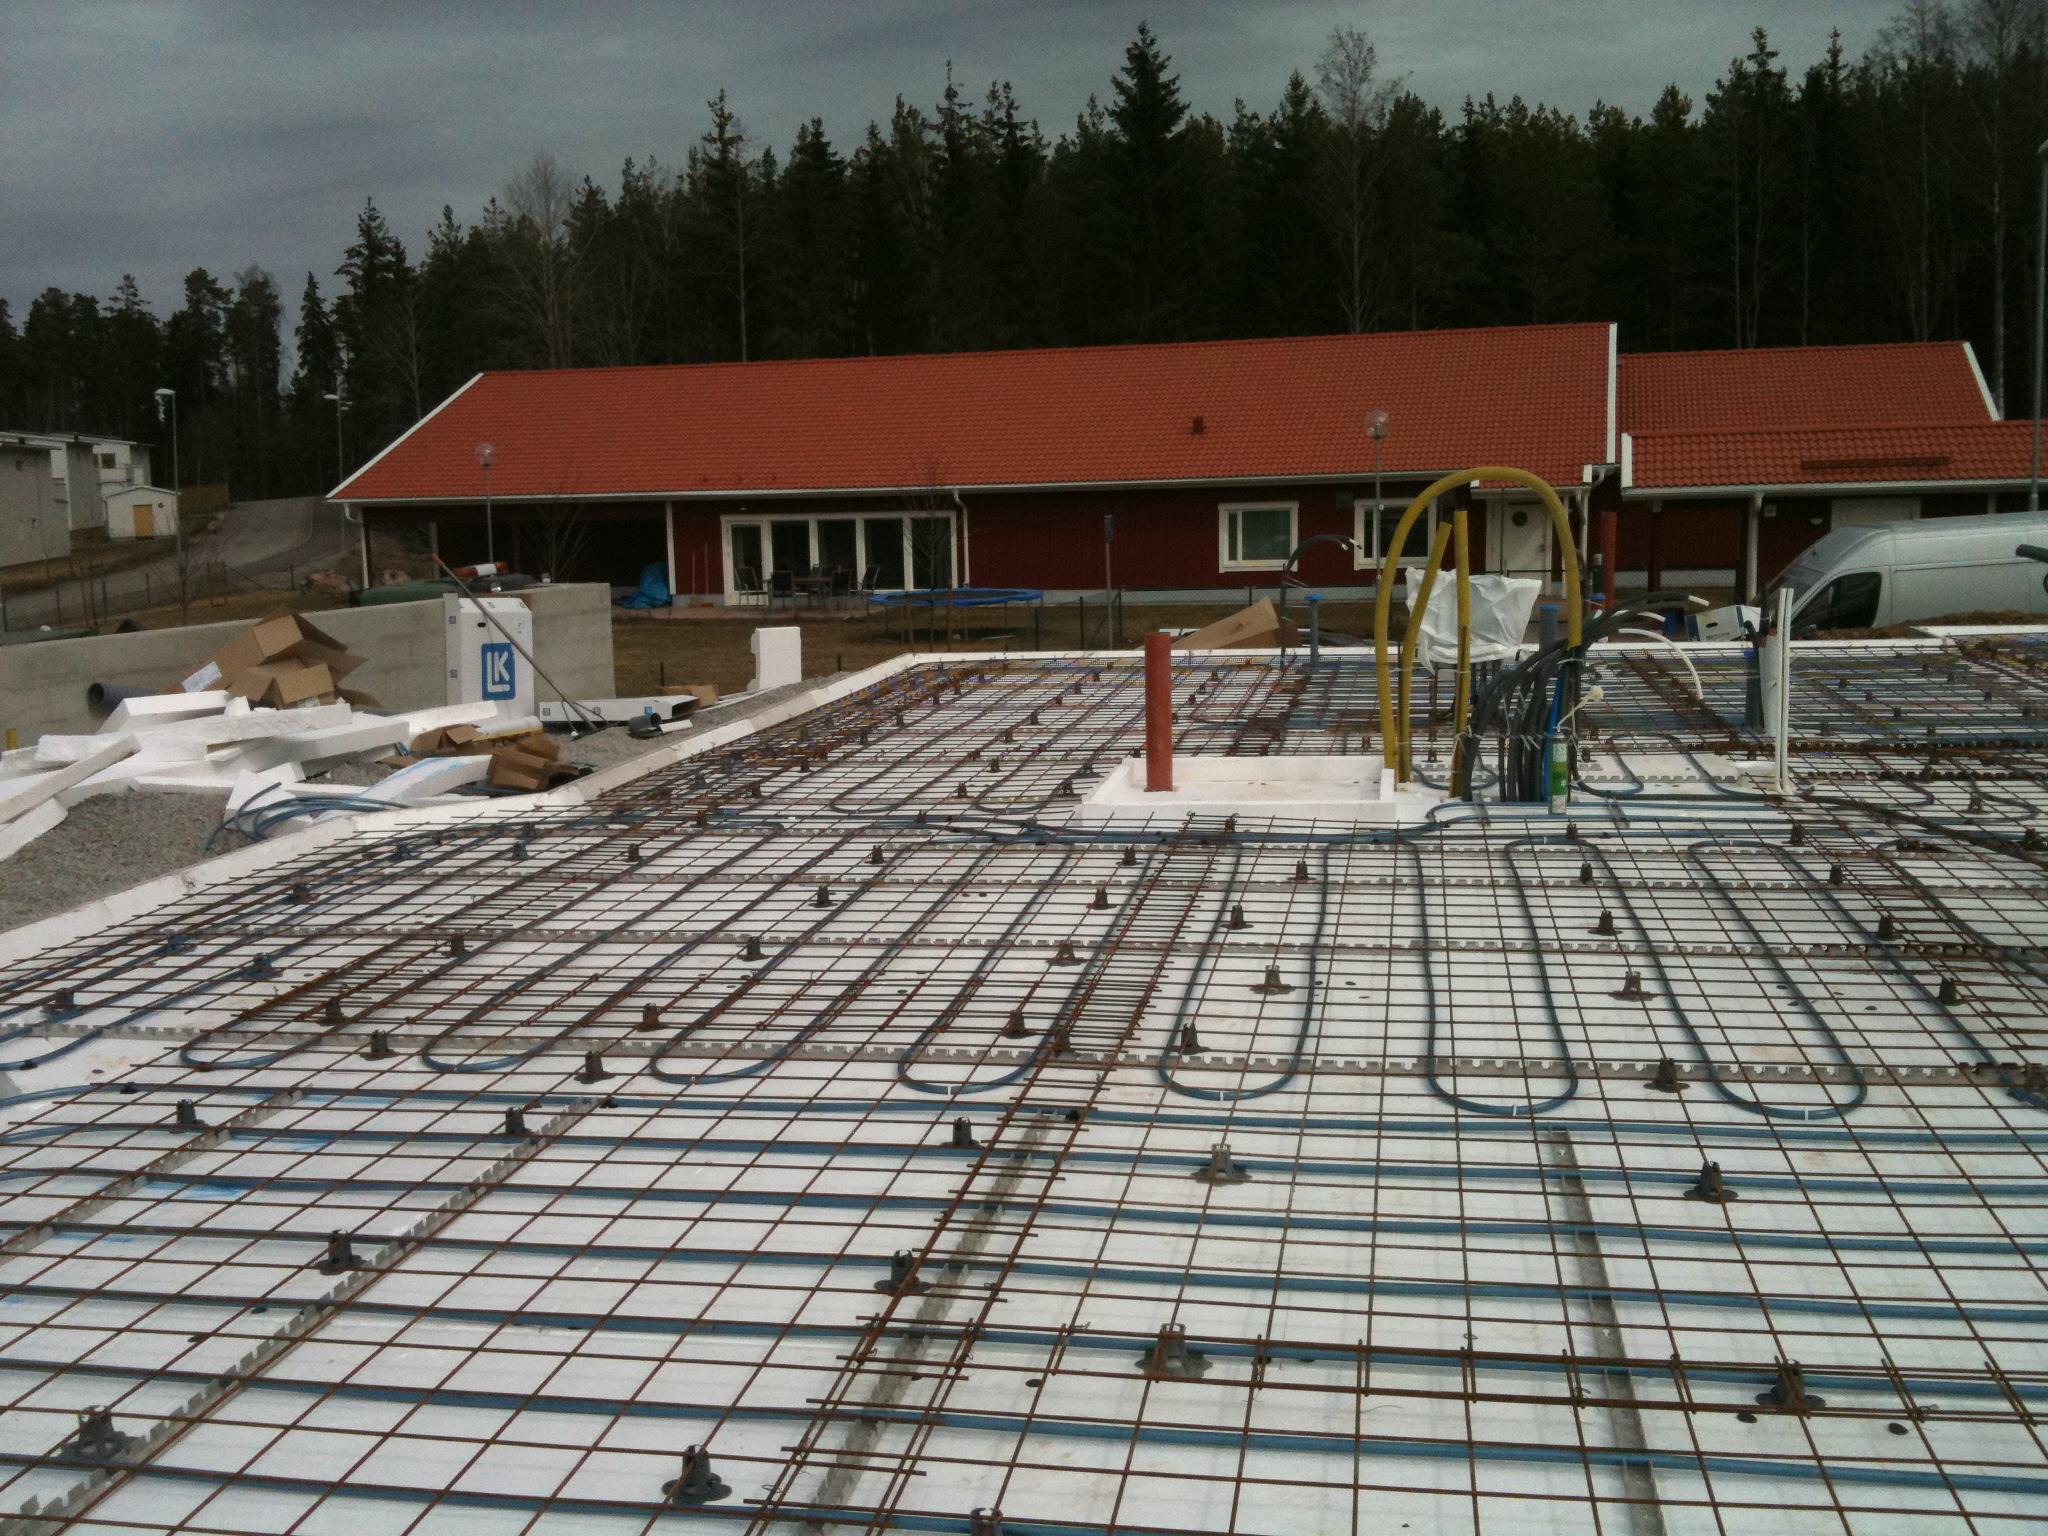 VVS arbete i grund för nybyggnation av villa från Ekohus i Storvreta Uppsala.